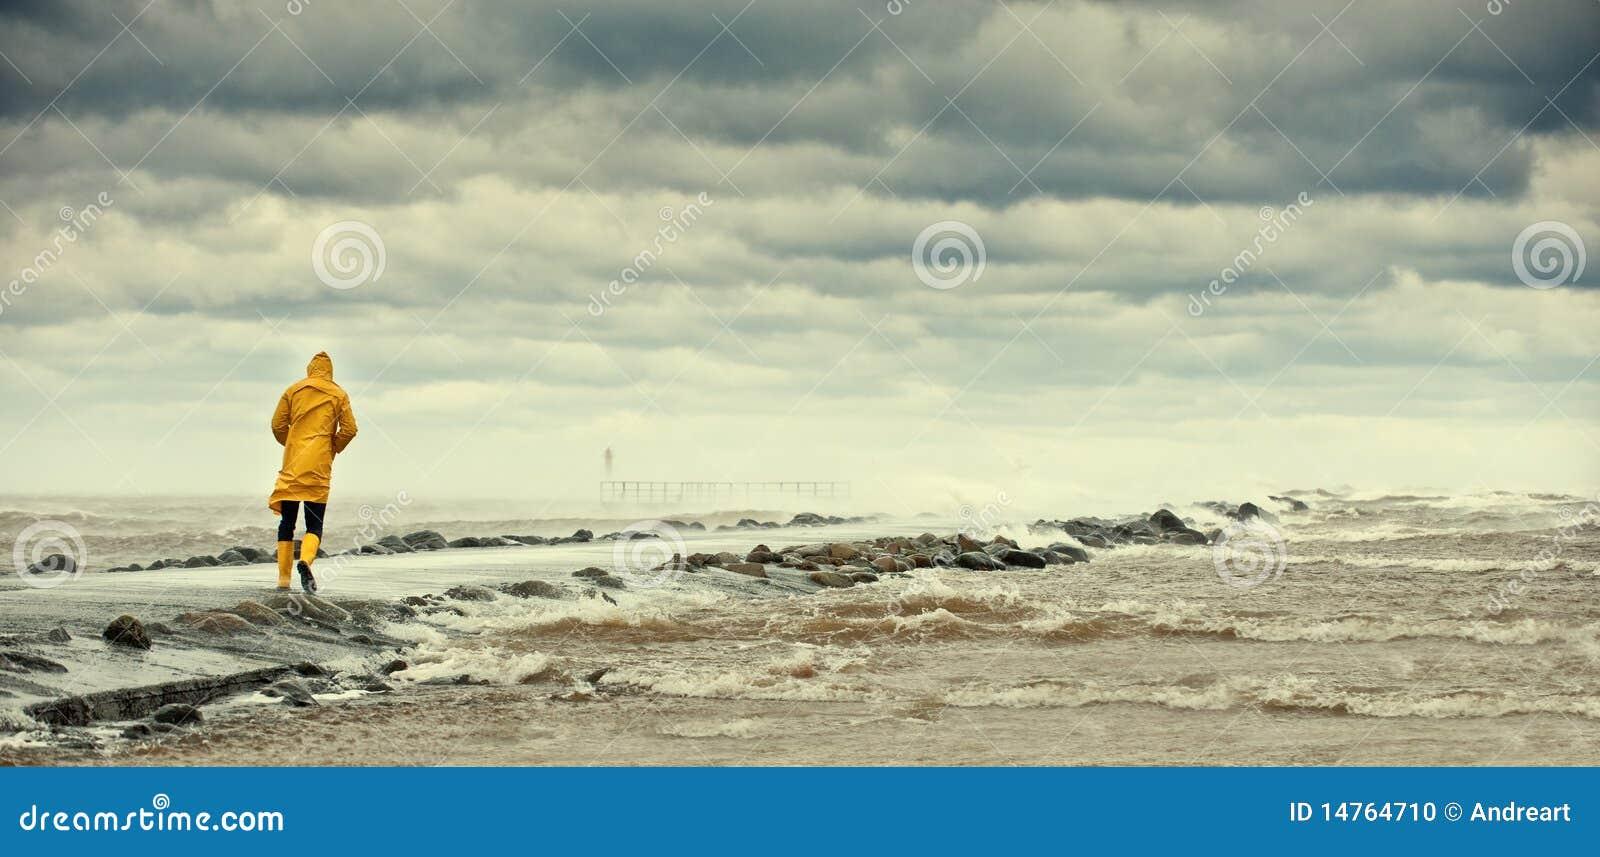 Personne marchant par la mer orageuse